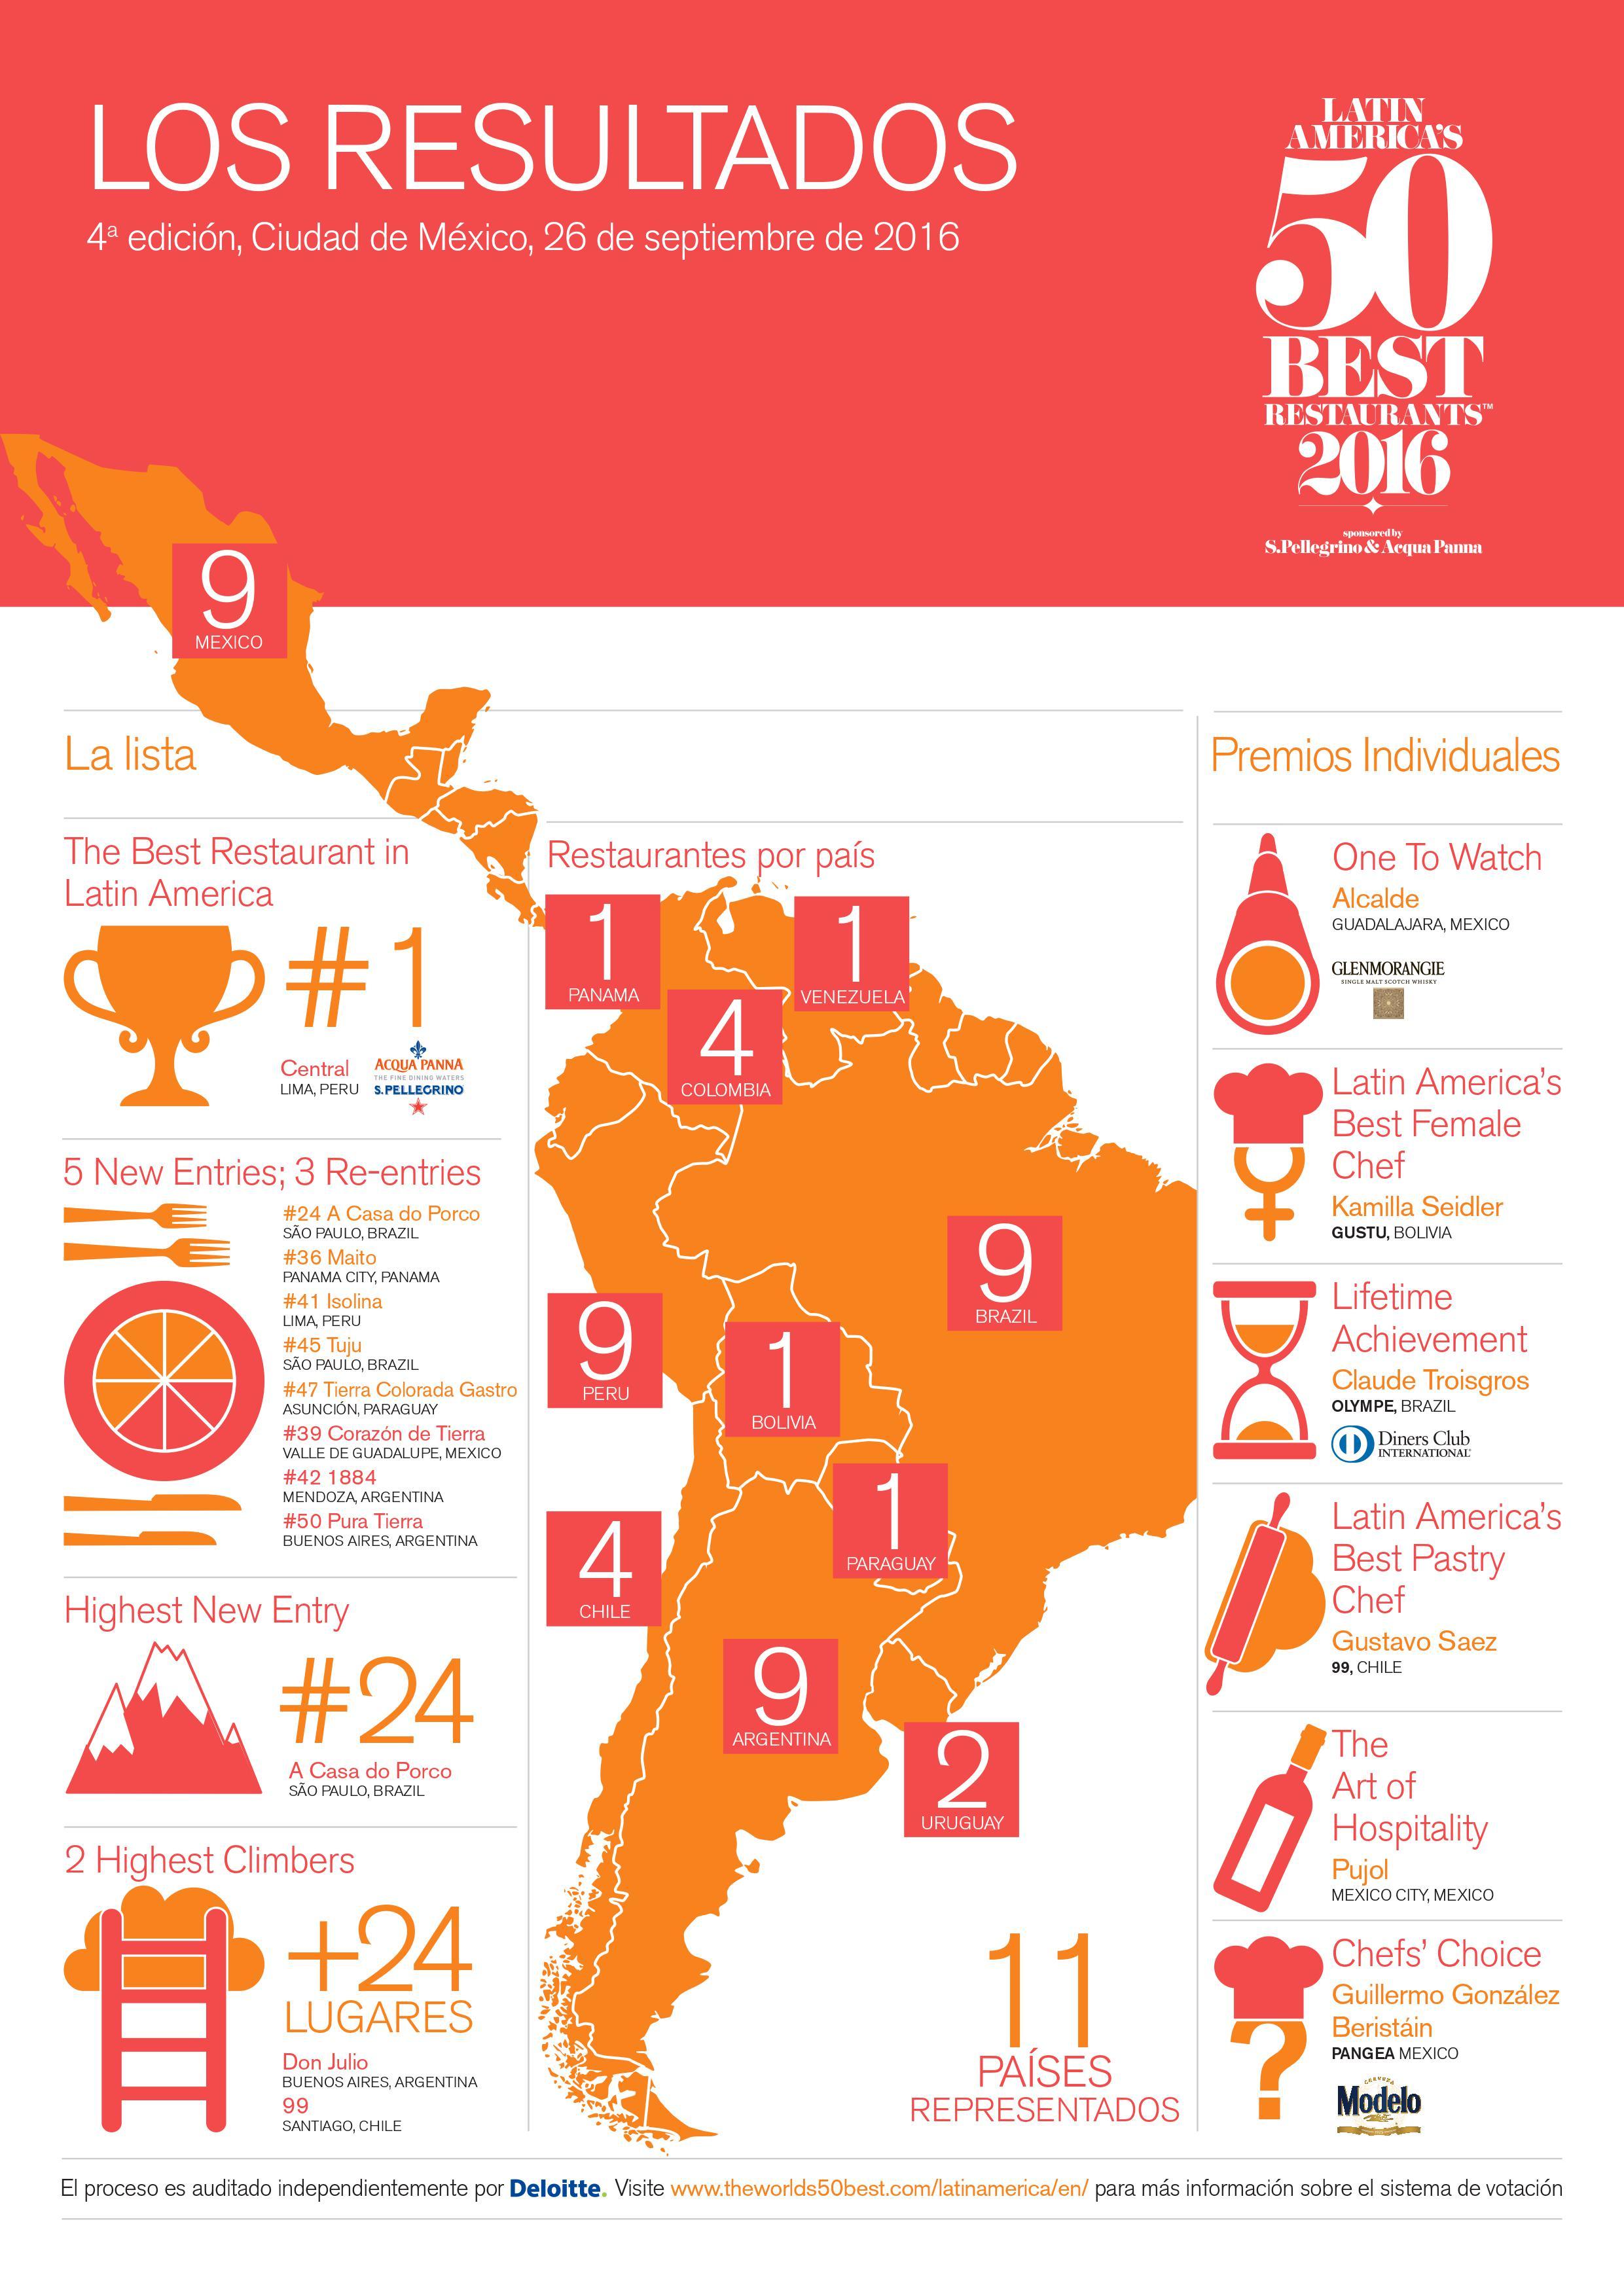 melhores-restaurantes-da-america-latina